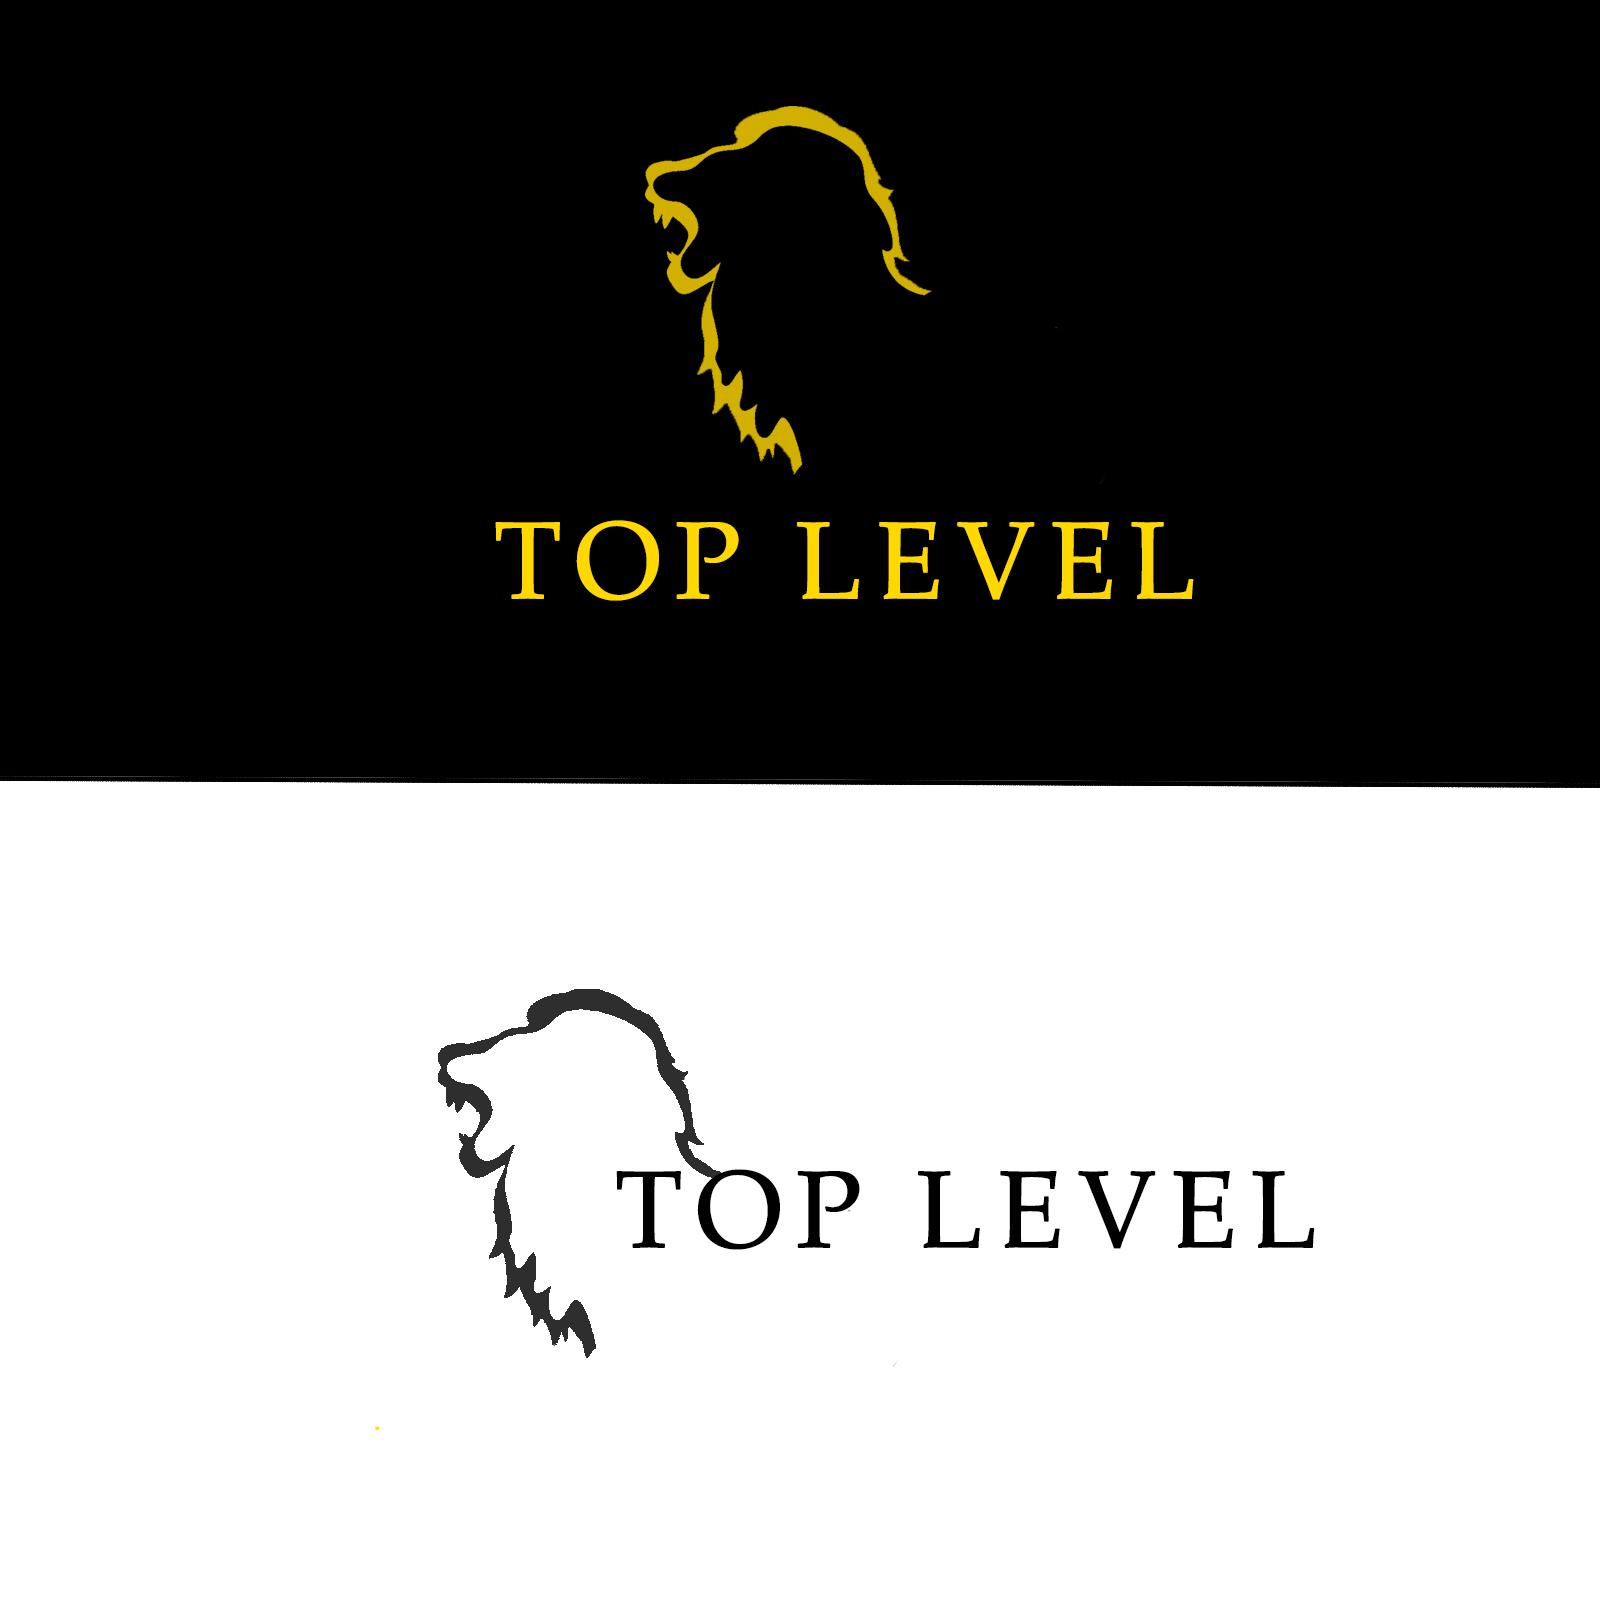 Разработка логотипа для тюнинг ателье фото f_7275f32d47692c12.png